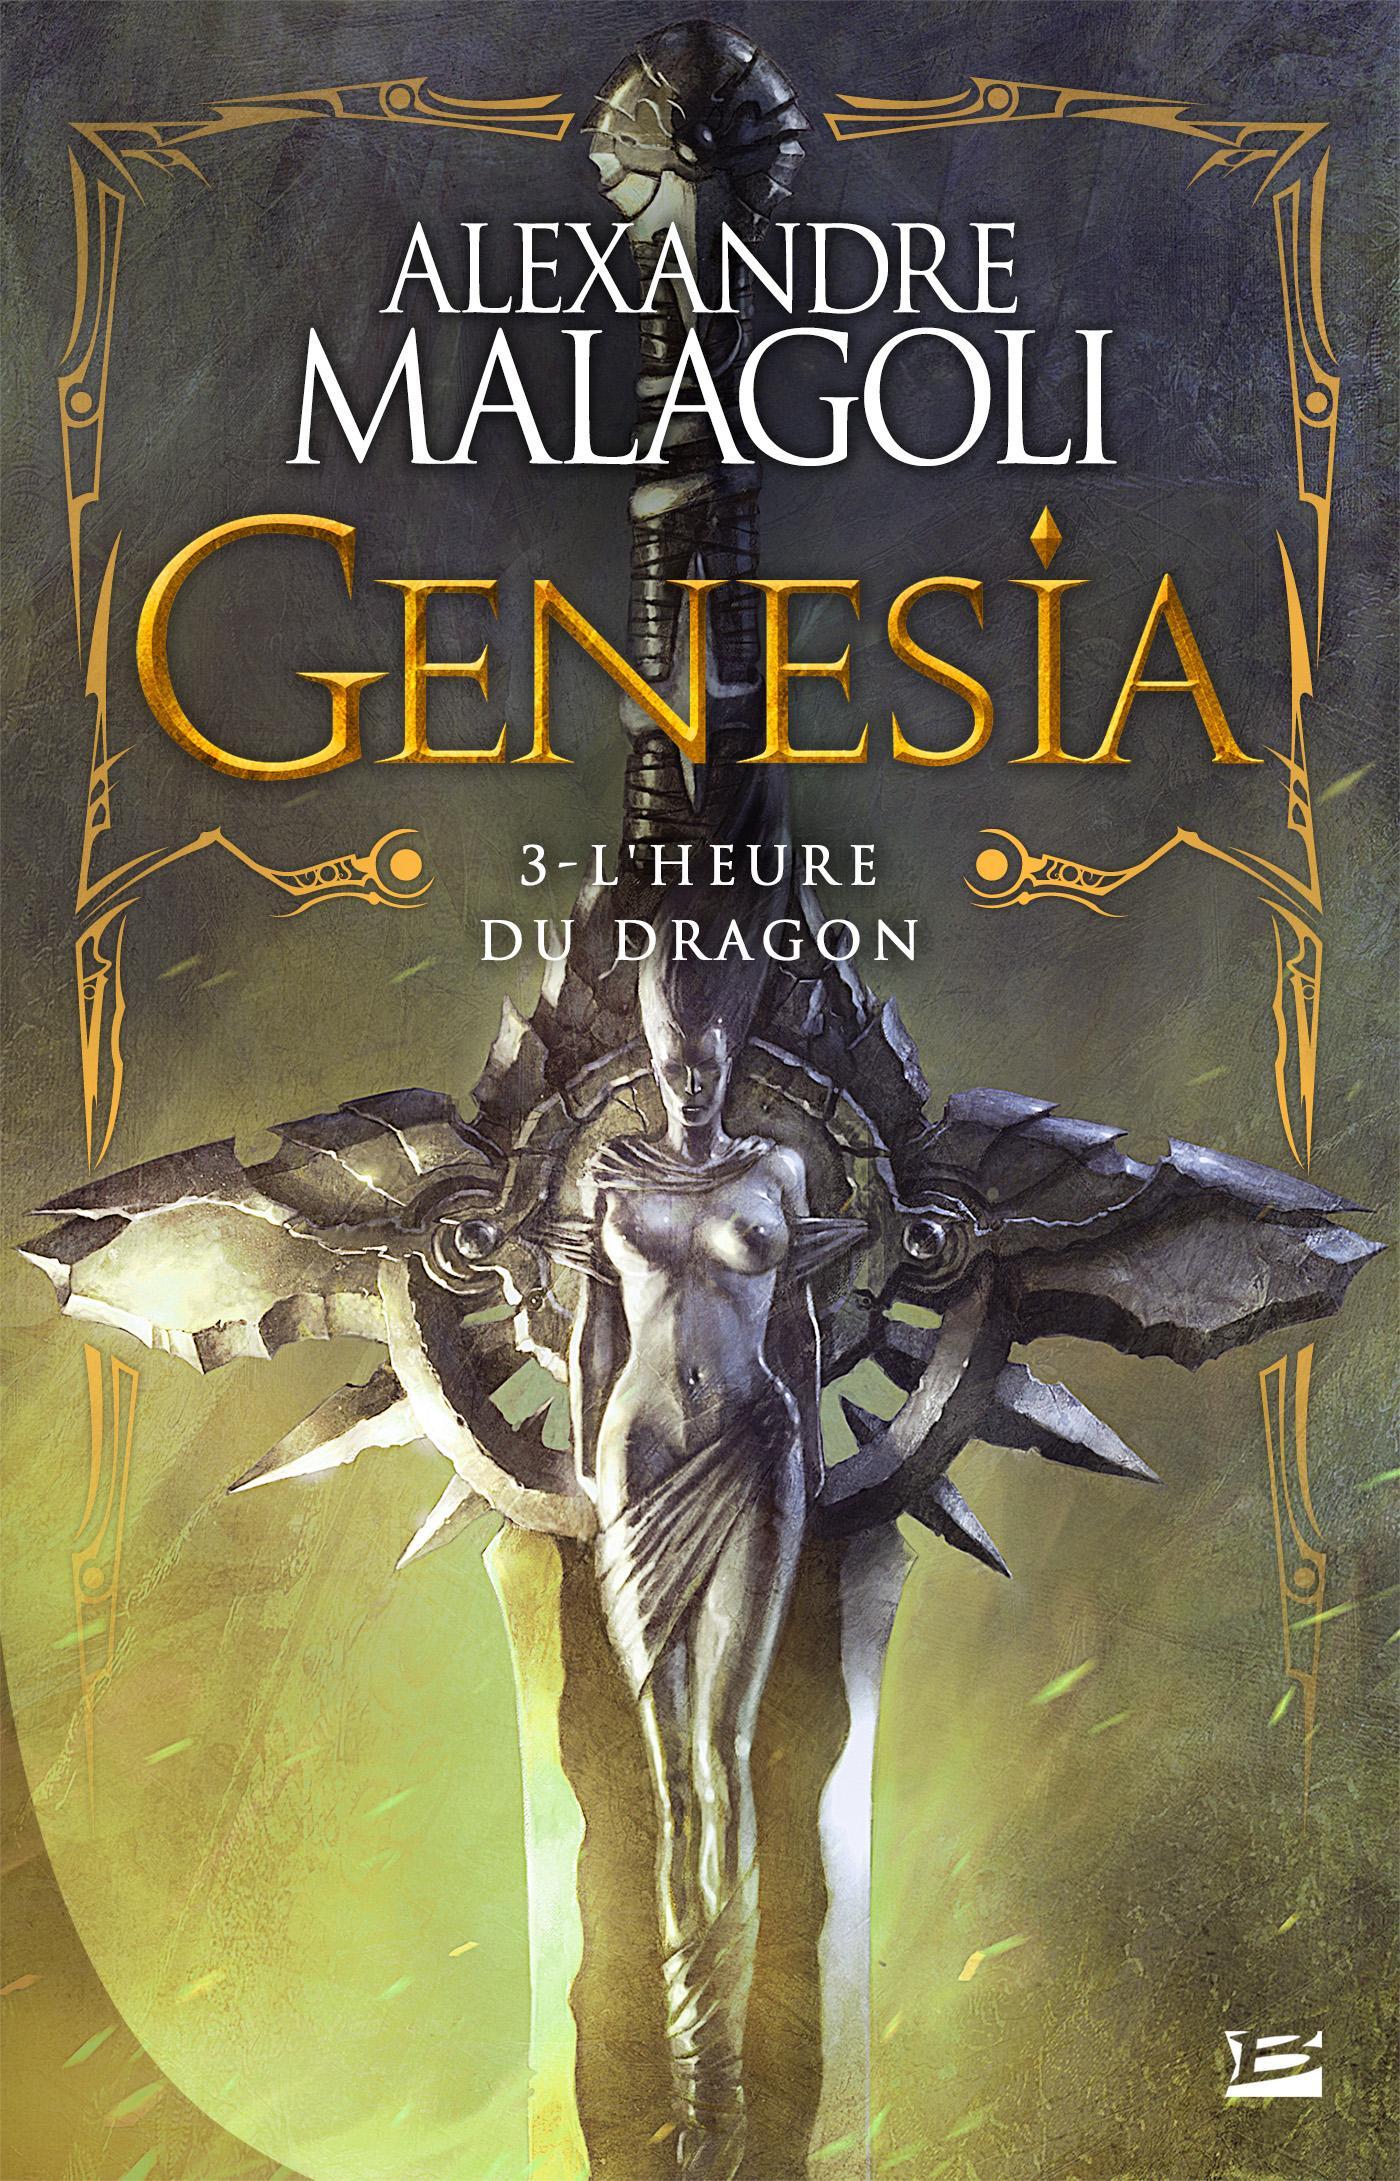 L'Heure du dragon, GENESIA - LES CHRONIQUES POURPRES, T3